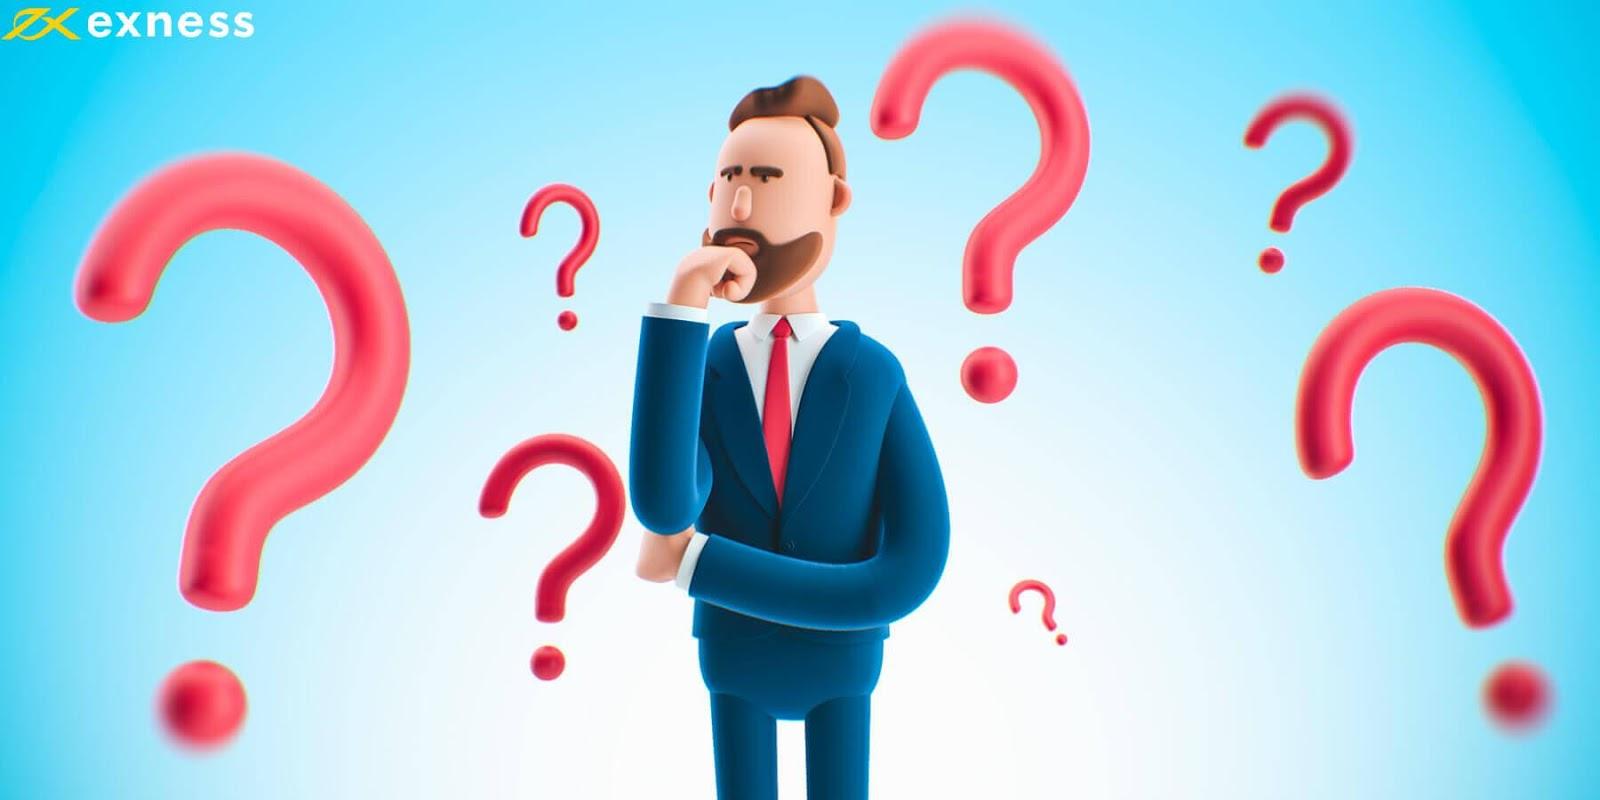 Exness es un broker para operar con forex y CFDs. Regulado por CySEC, FCA, SFSA, FSCA. Descubre toda la verdad sobre este broker con analisis